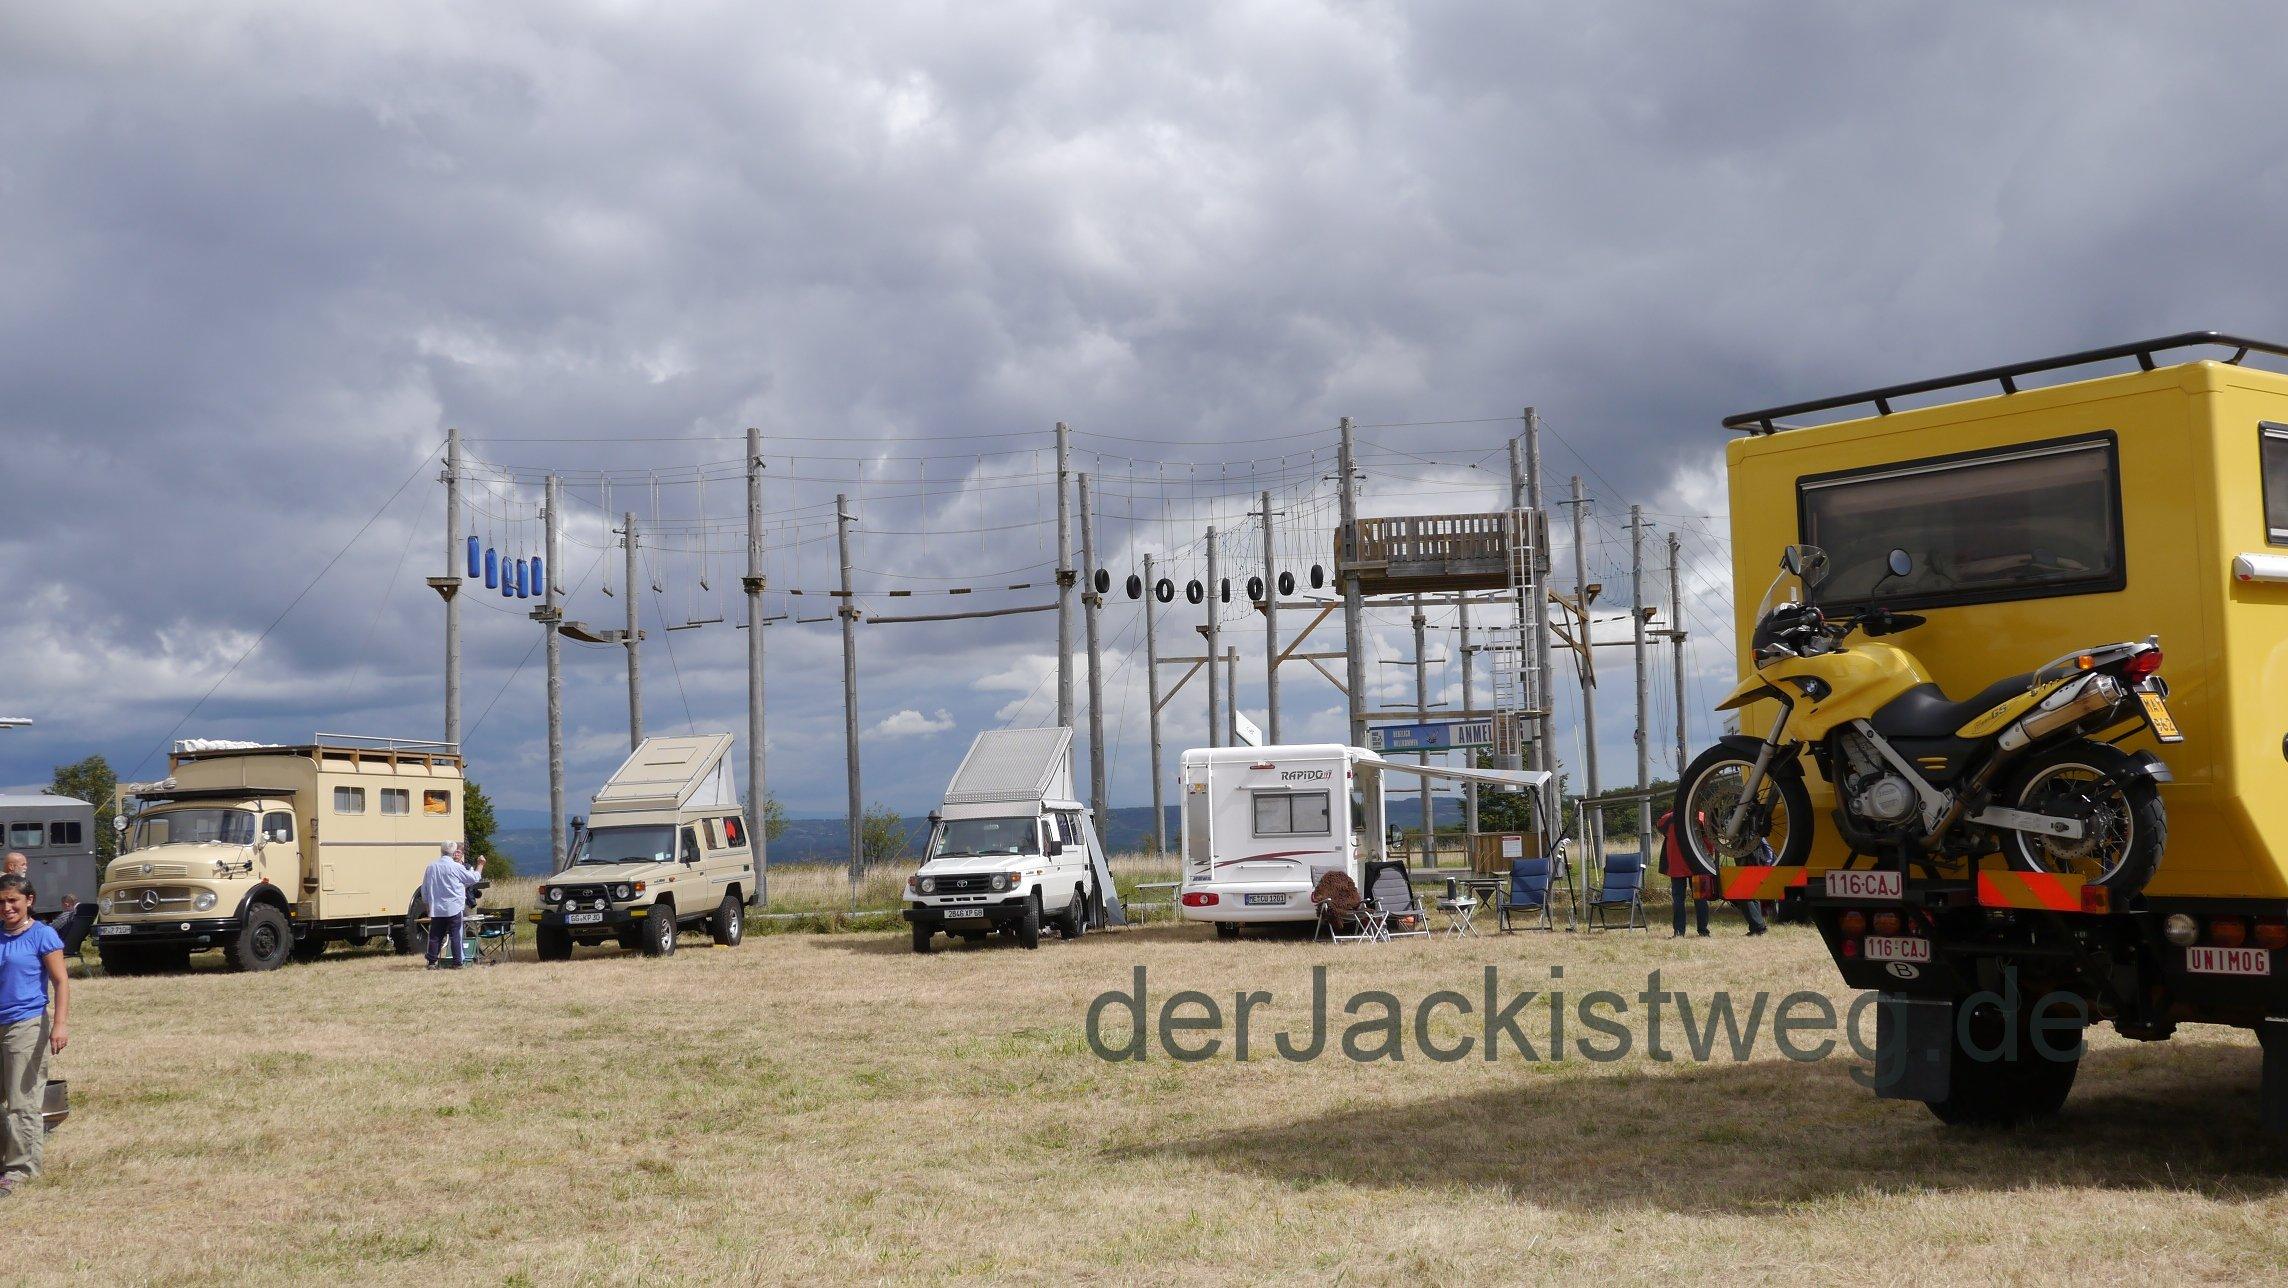 willies-treffen-08_201206